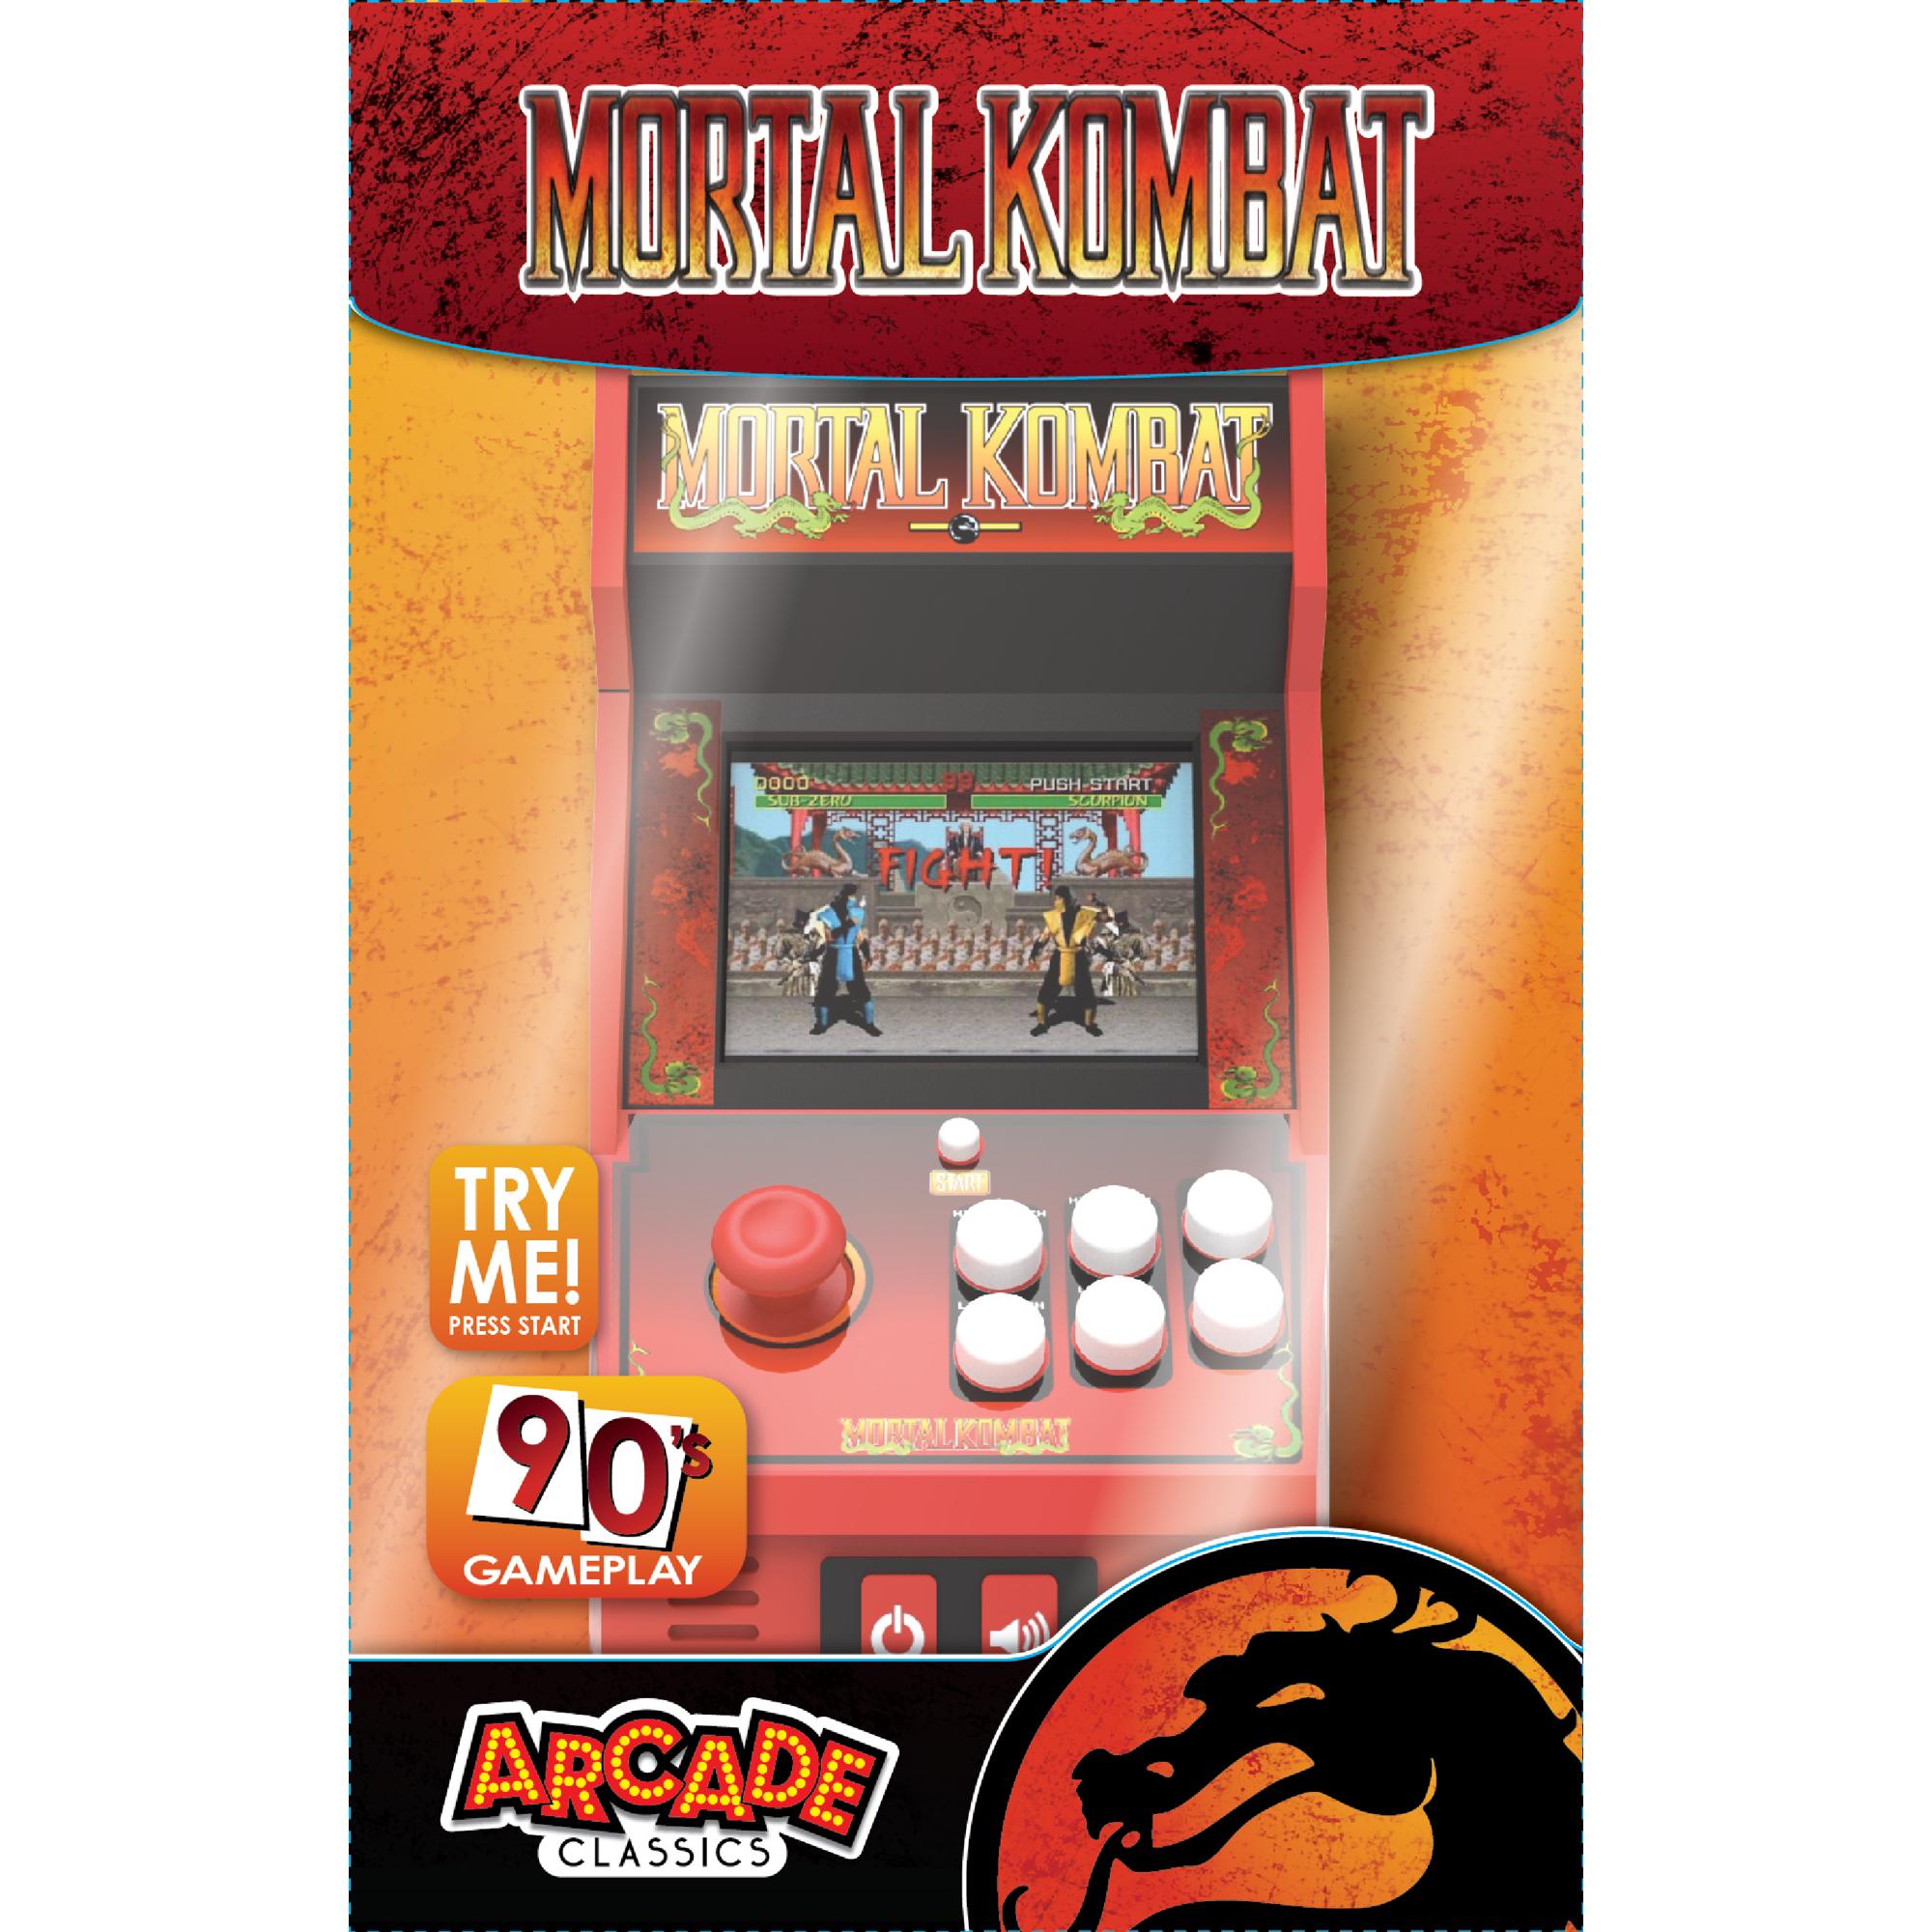 Mortal Kombat Handheld Arcade Game Color Screen Walmart Com Arcade Games Arcade Mini Arcade